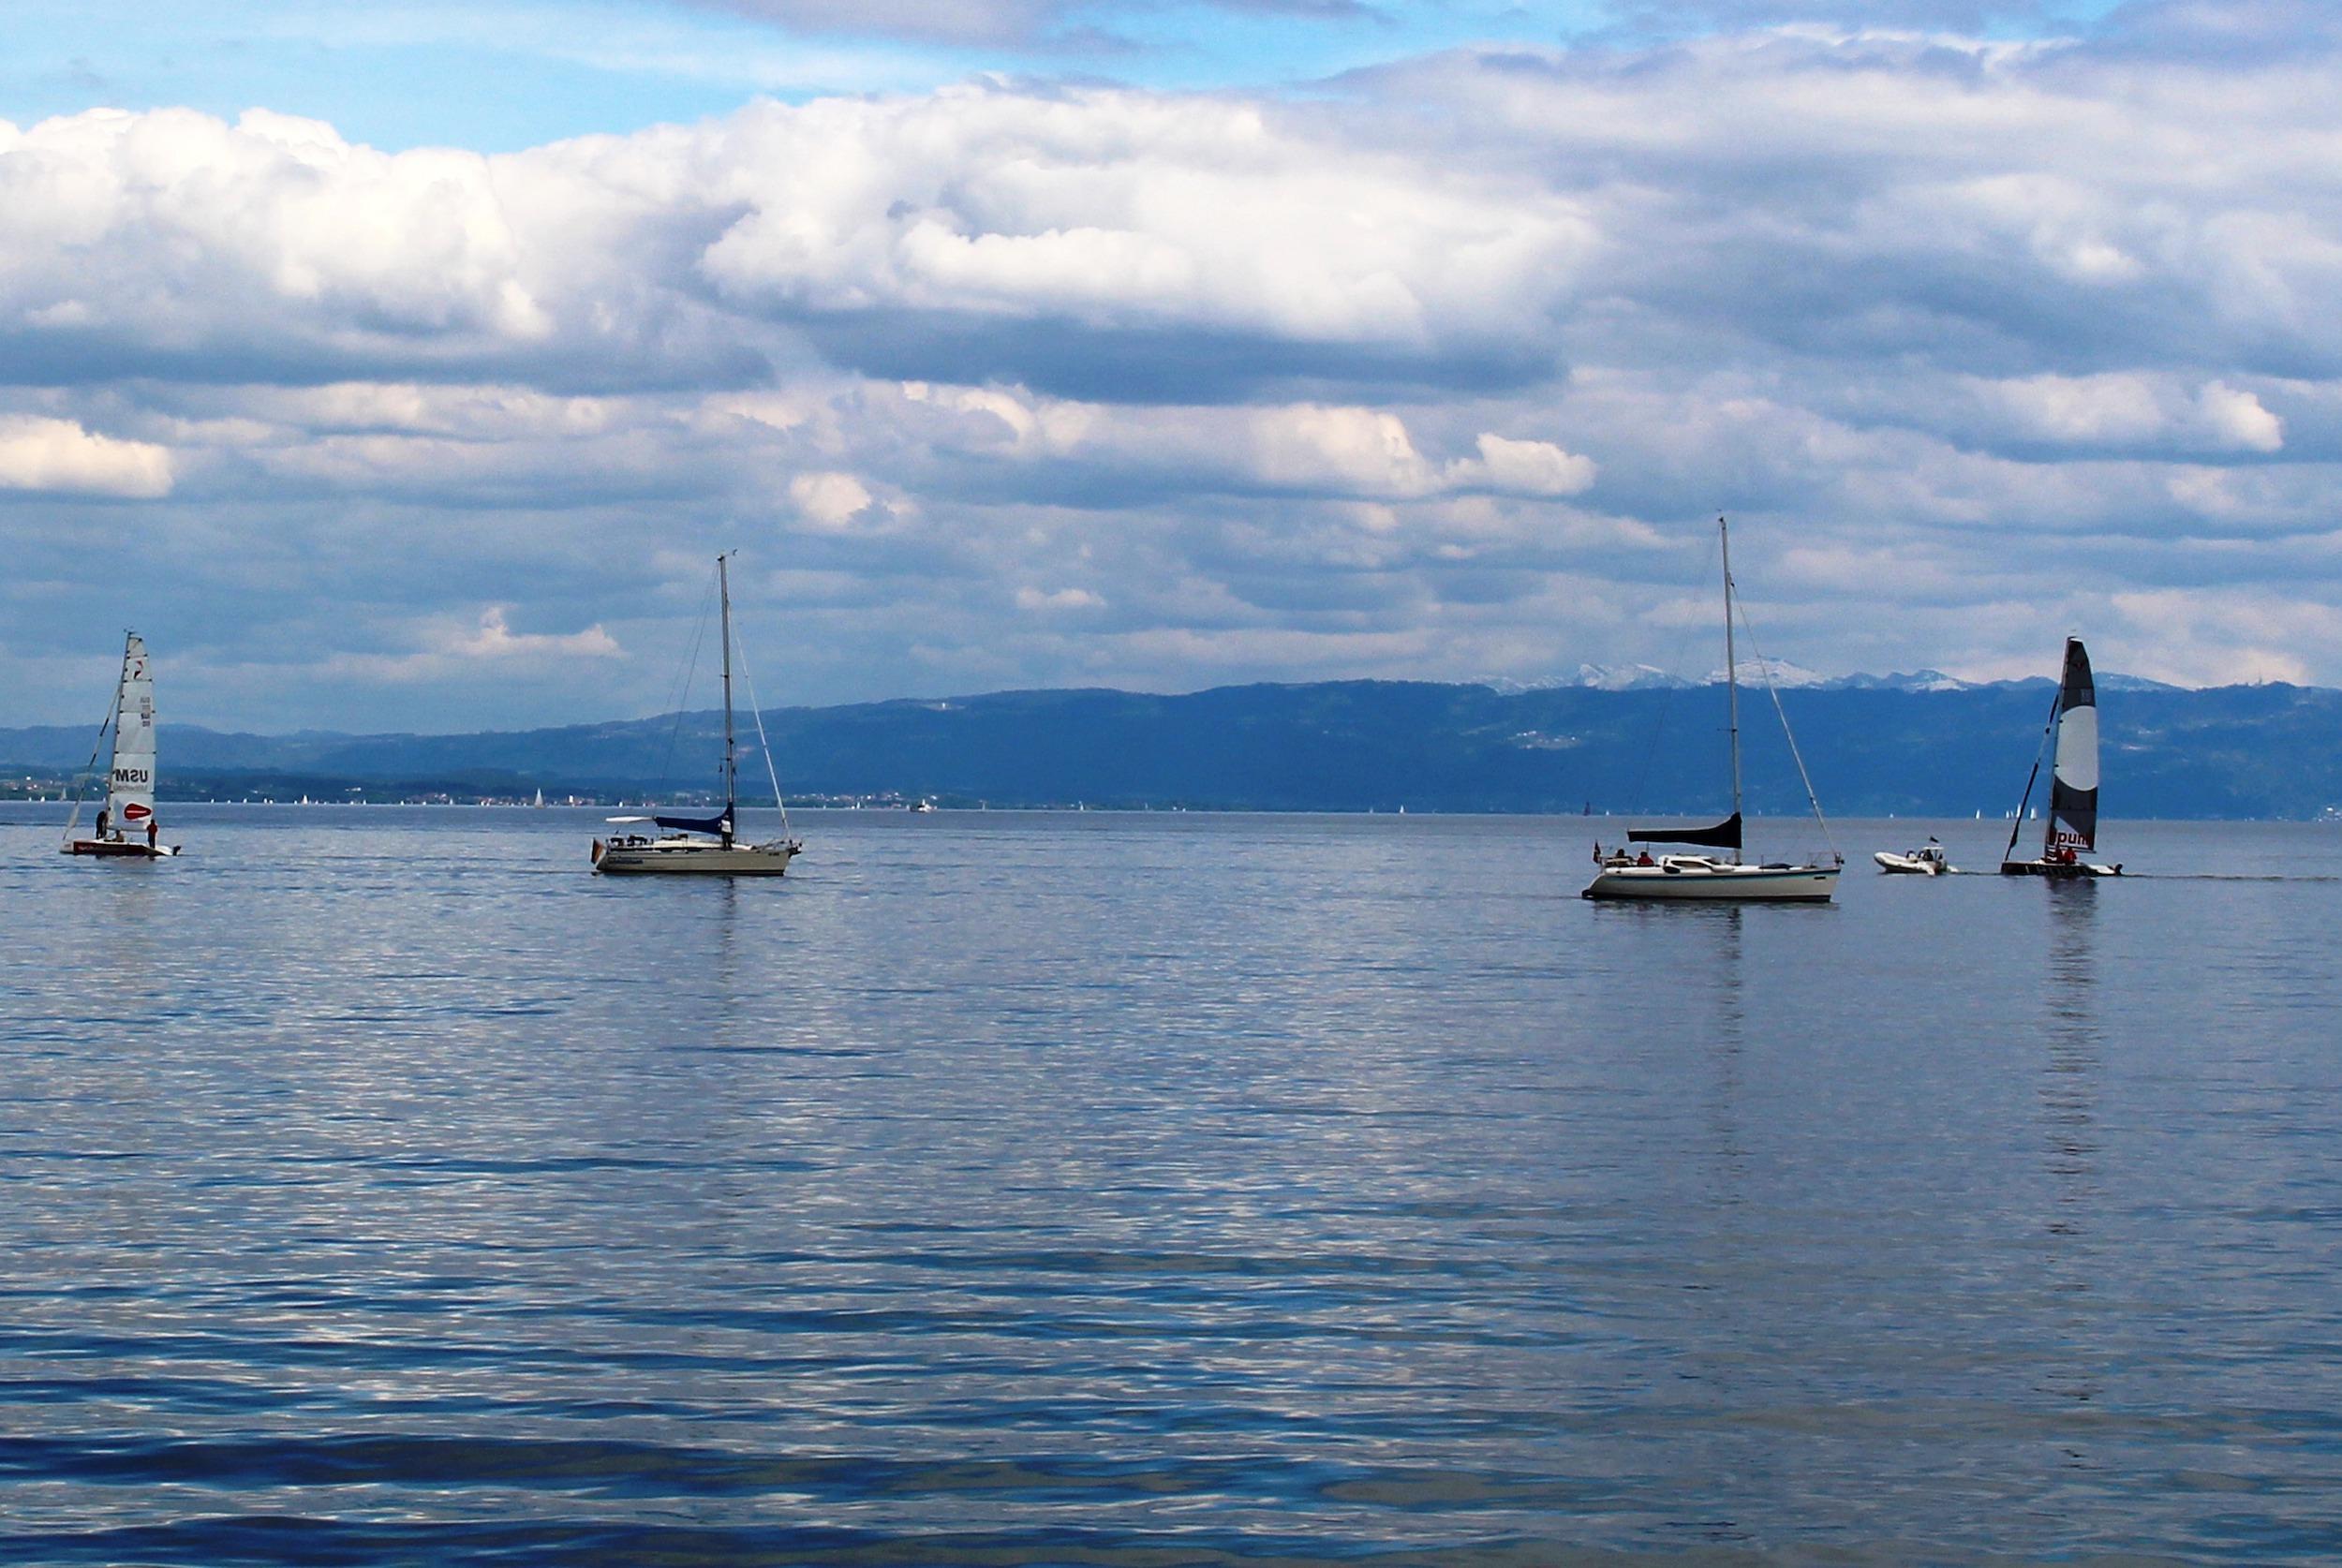 Segelboote auf dem Bodensee .jpg